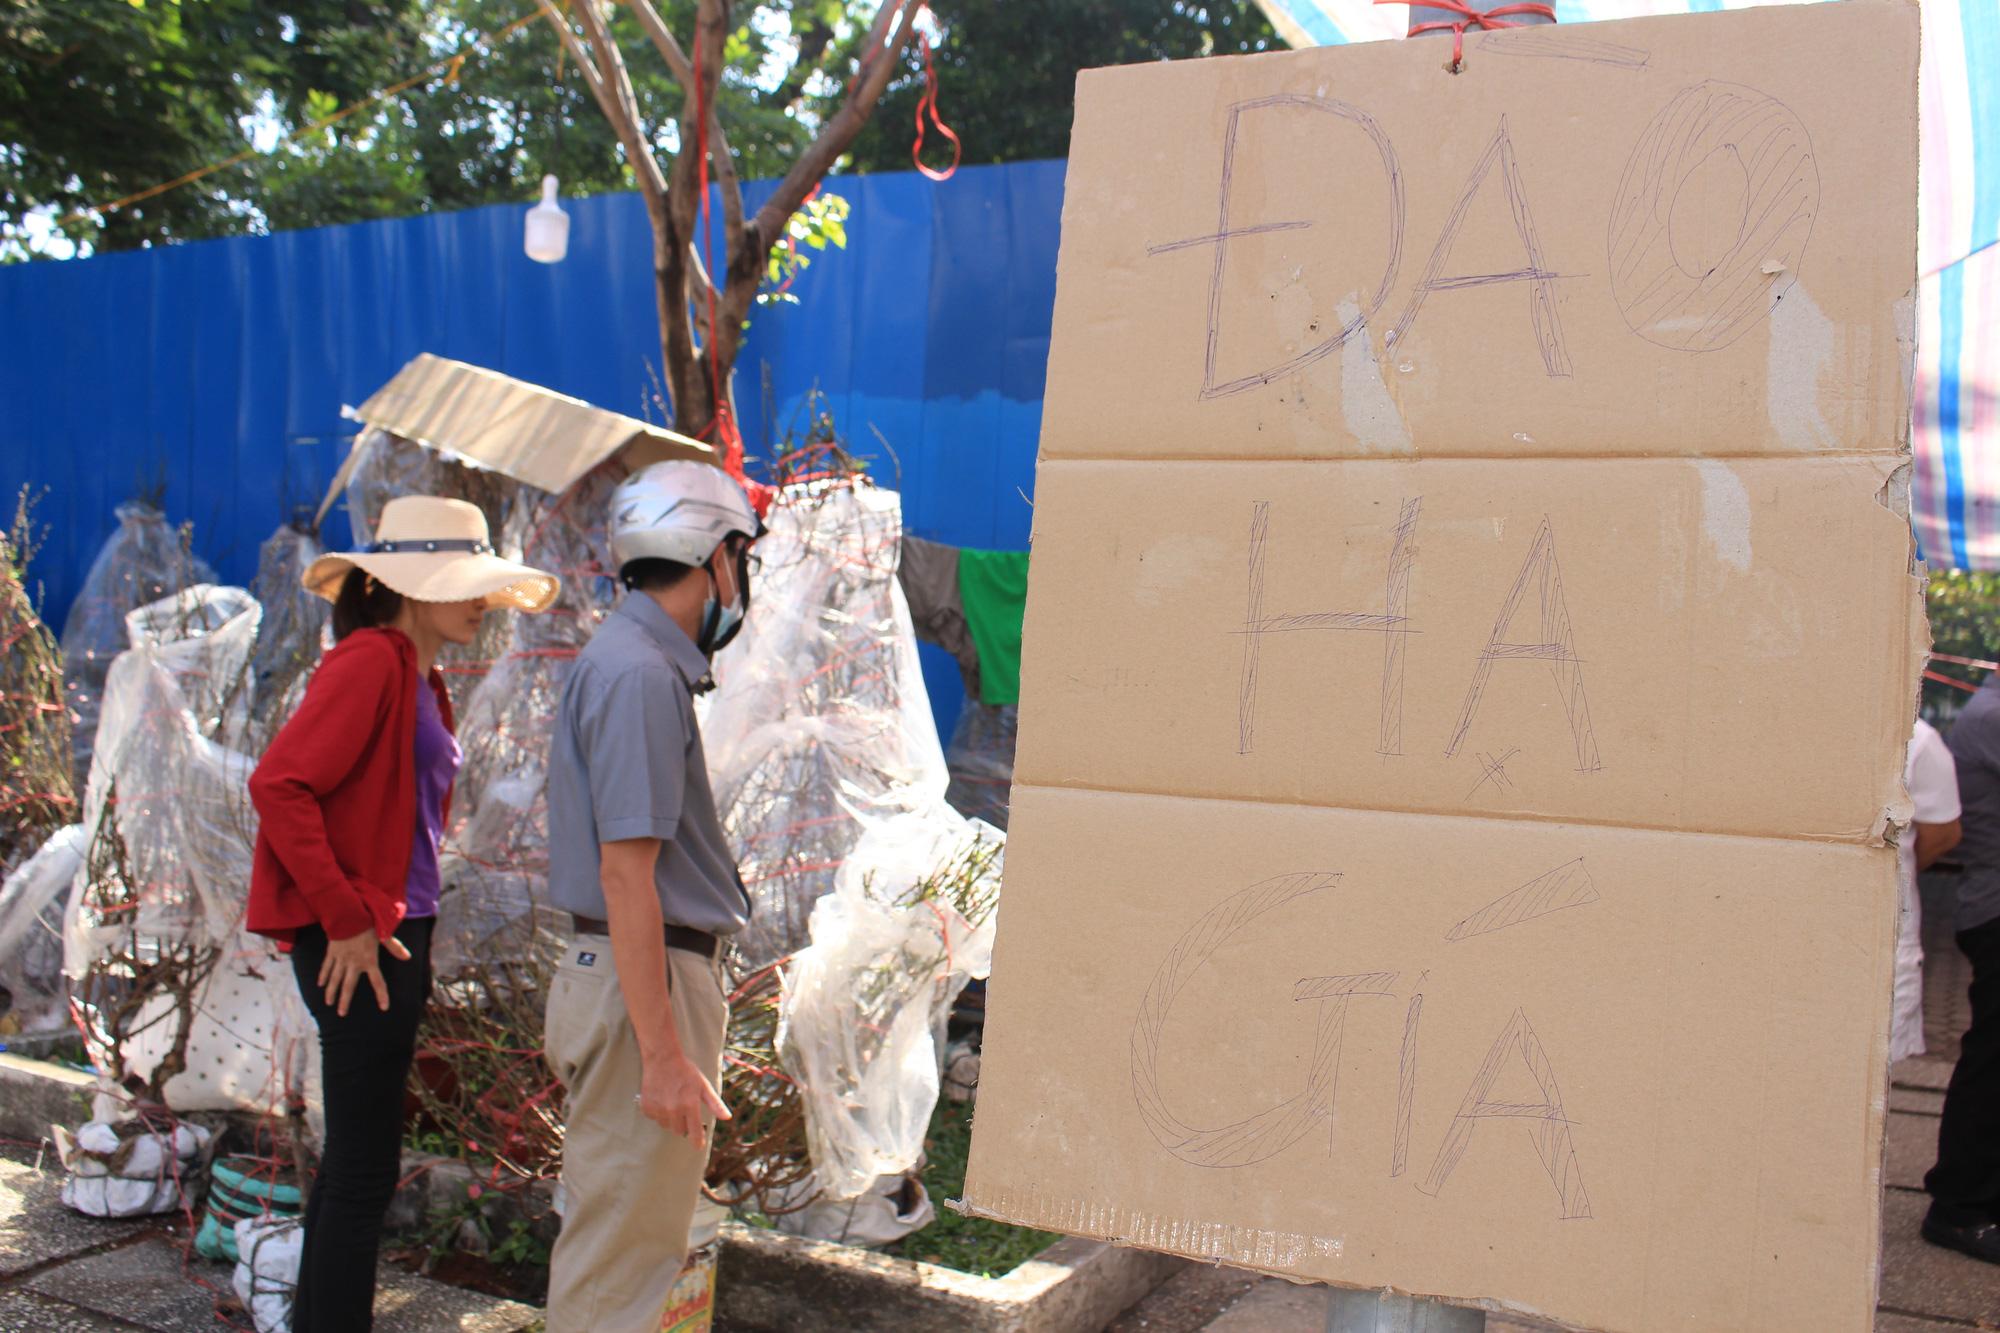 28 Tết, đào Nhật Tân tại chợ hoa Sài Gòn bắt đầu giảm giá, thuận mua vừa bán nên hút khách - Ảnh 4.